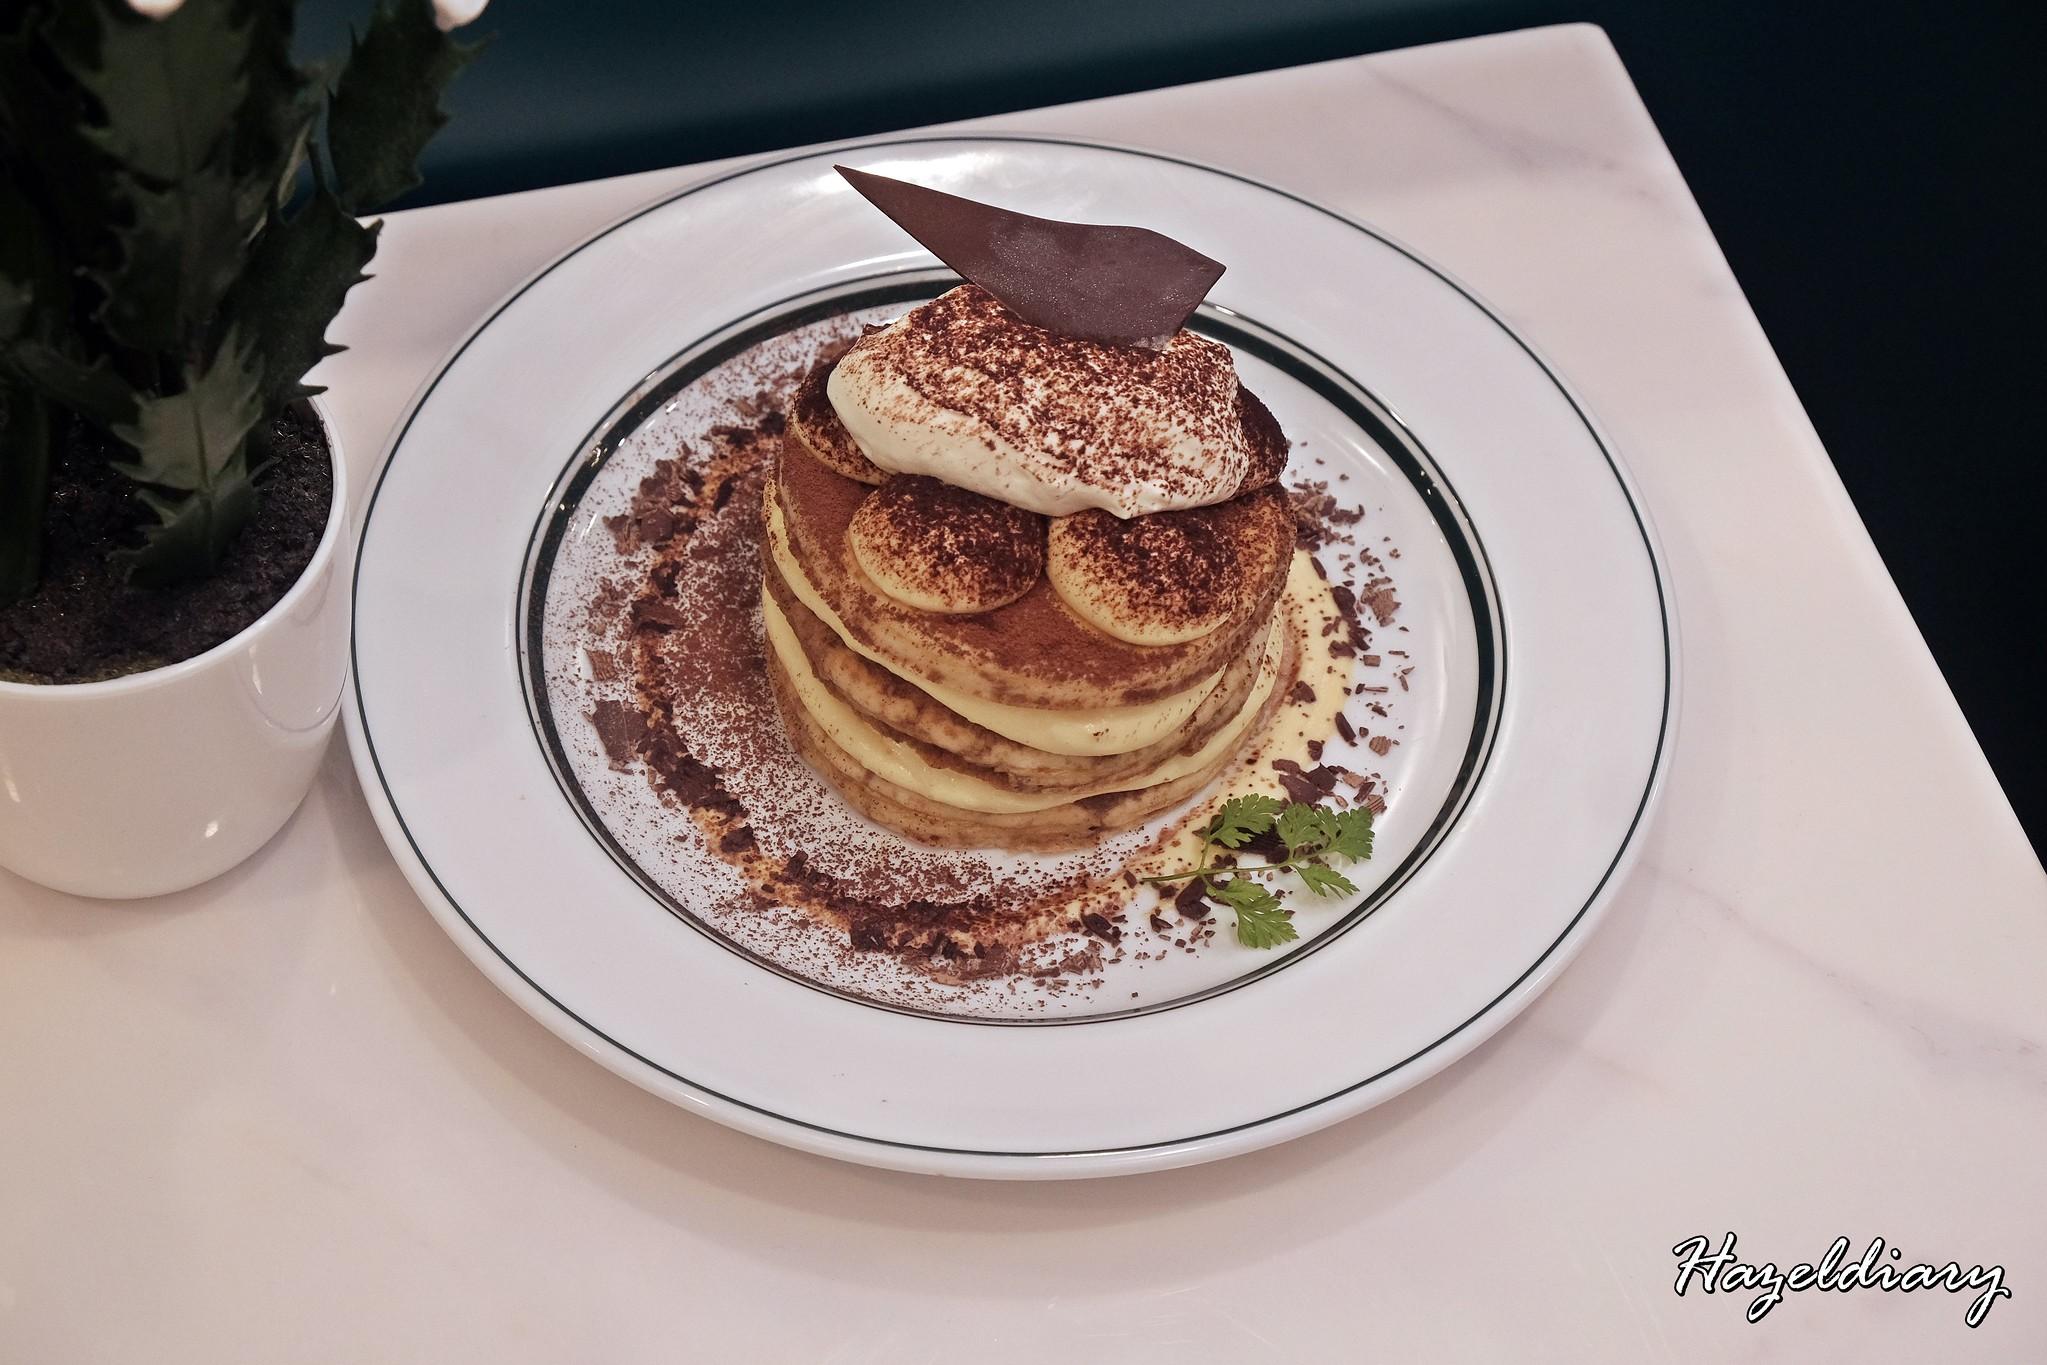 Gram Cafe & Pancakes-Tiramisu Pancakes